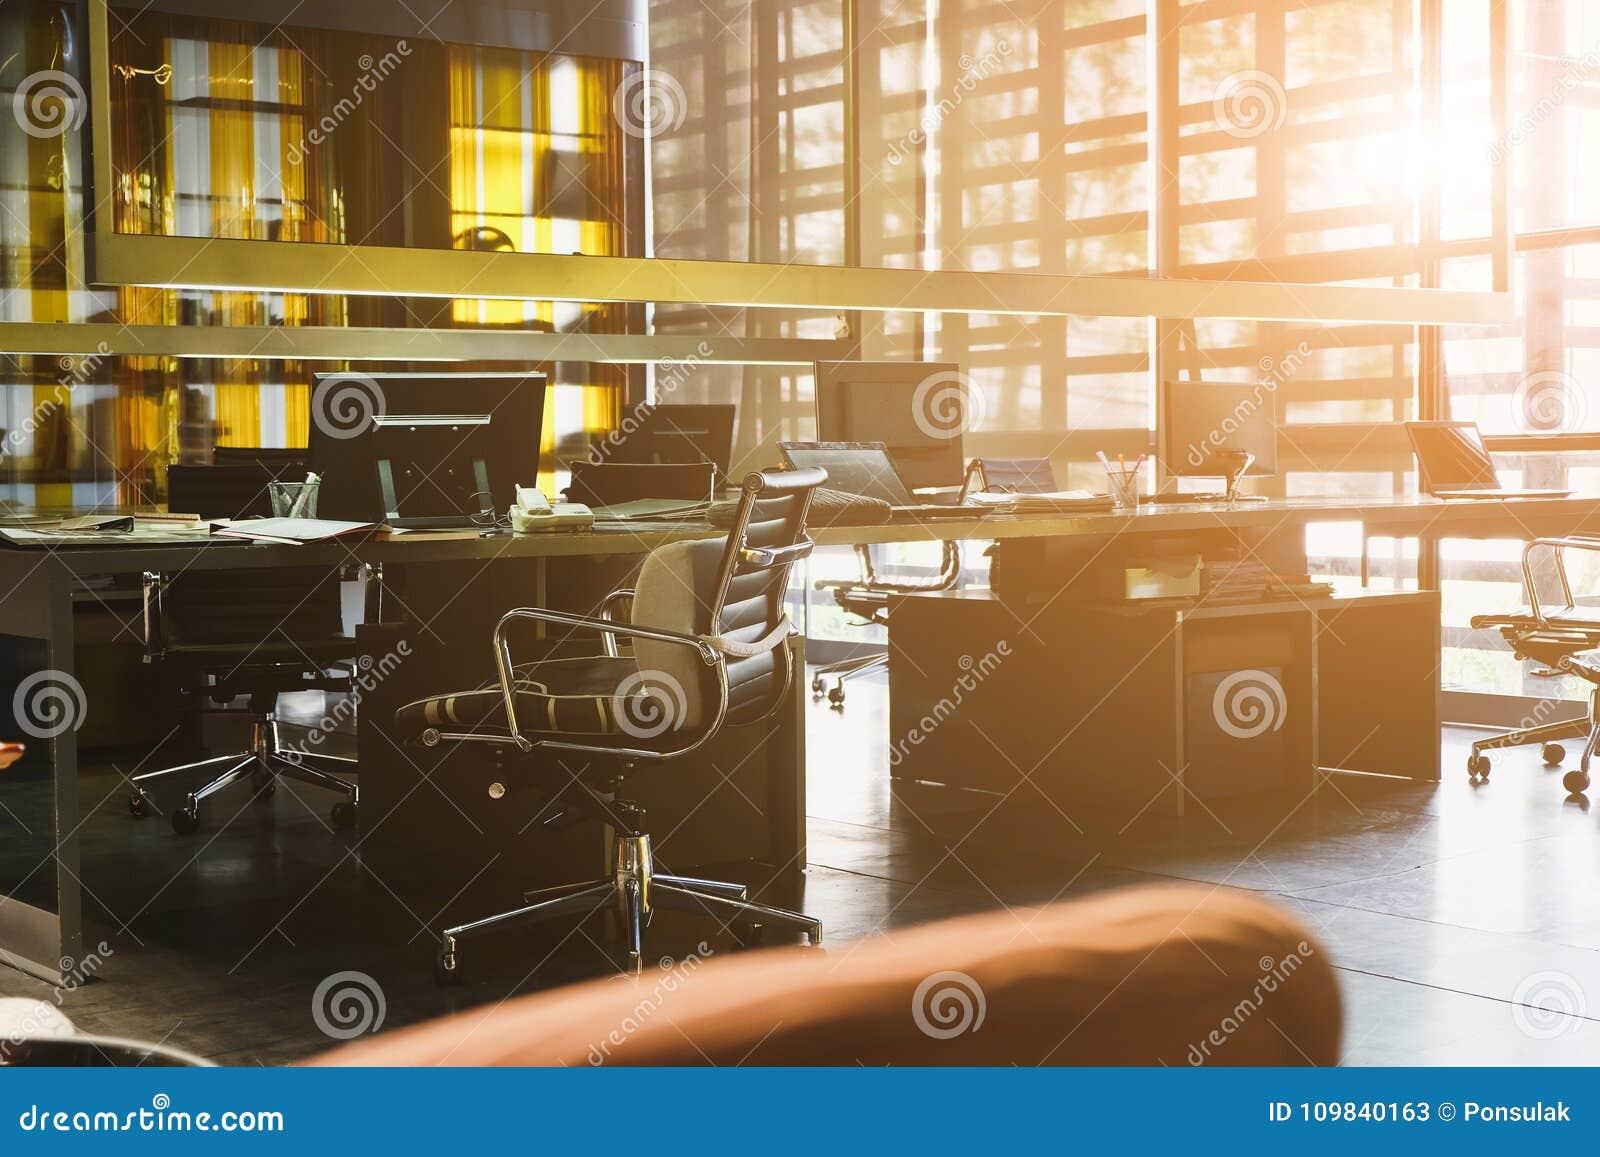 Espace De Travail Moderne Et Espace Coworking Image stock ...